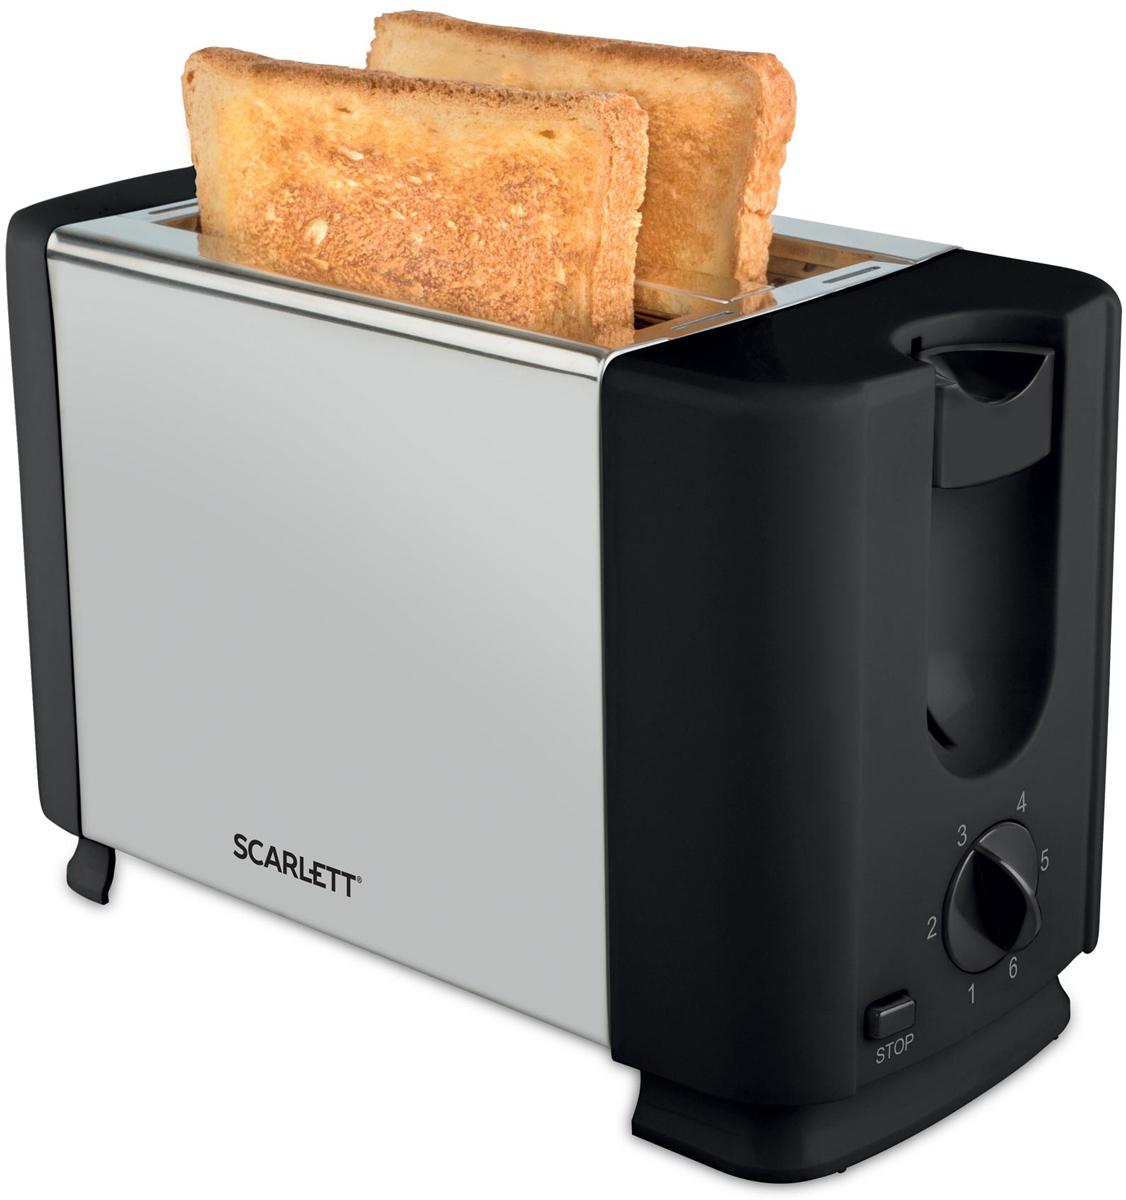 Scarlett SC-TM11012, Steel тостерSC-TM11012Scarlett SC-TM11012 - это устройство, при помощи которого вы сможете готовить поджаренные и ароматные тосты. Прибор имеет 6 степеней прожарки, а также регулятор степени поджаривания и кнопку отмены. Тостер отличается надежностью и простотой в использовании, что обеспечивается наличием съемного поддона для крошек и отсека для хранения шнура.